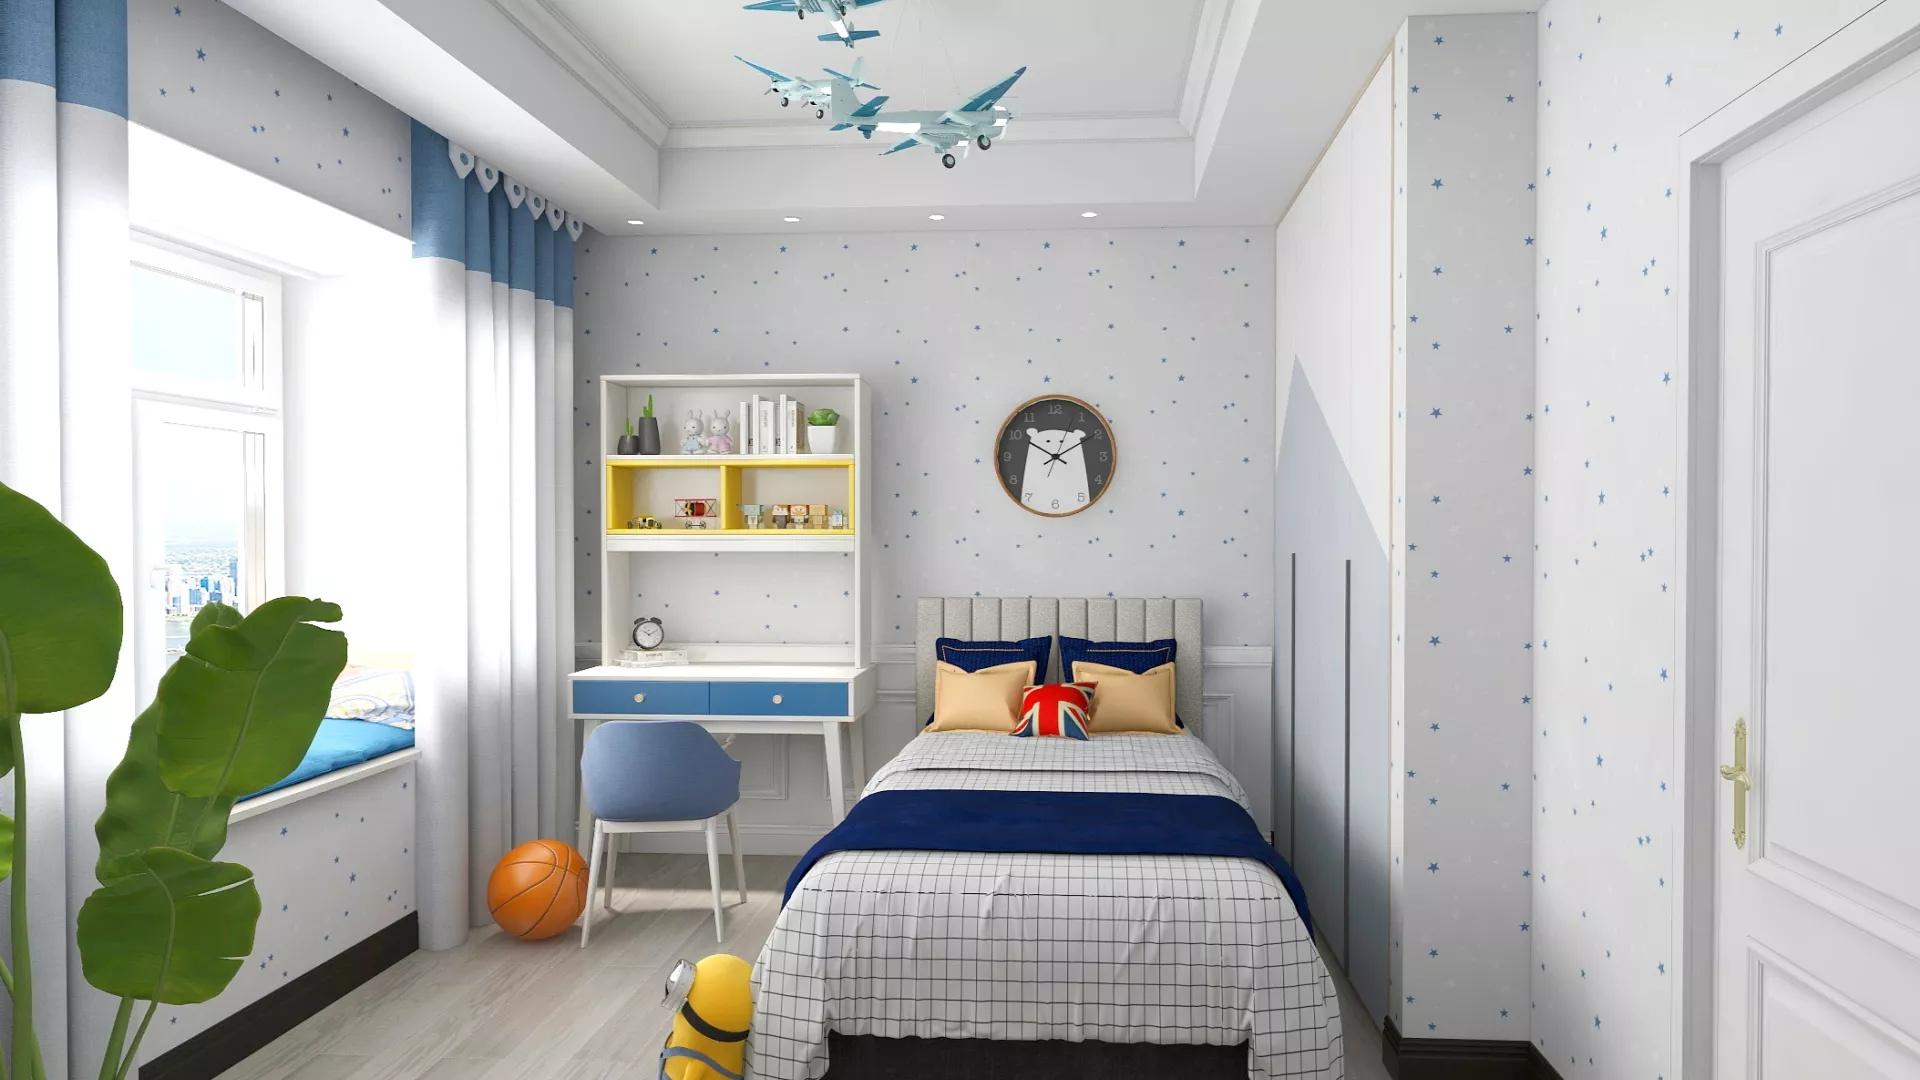 宜家风格小清新可爱型卧室装修效果图